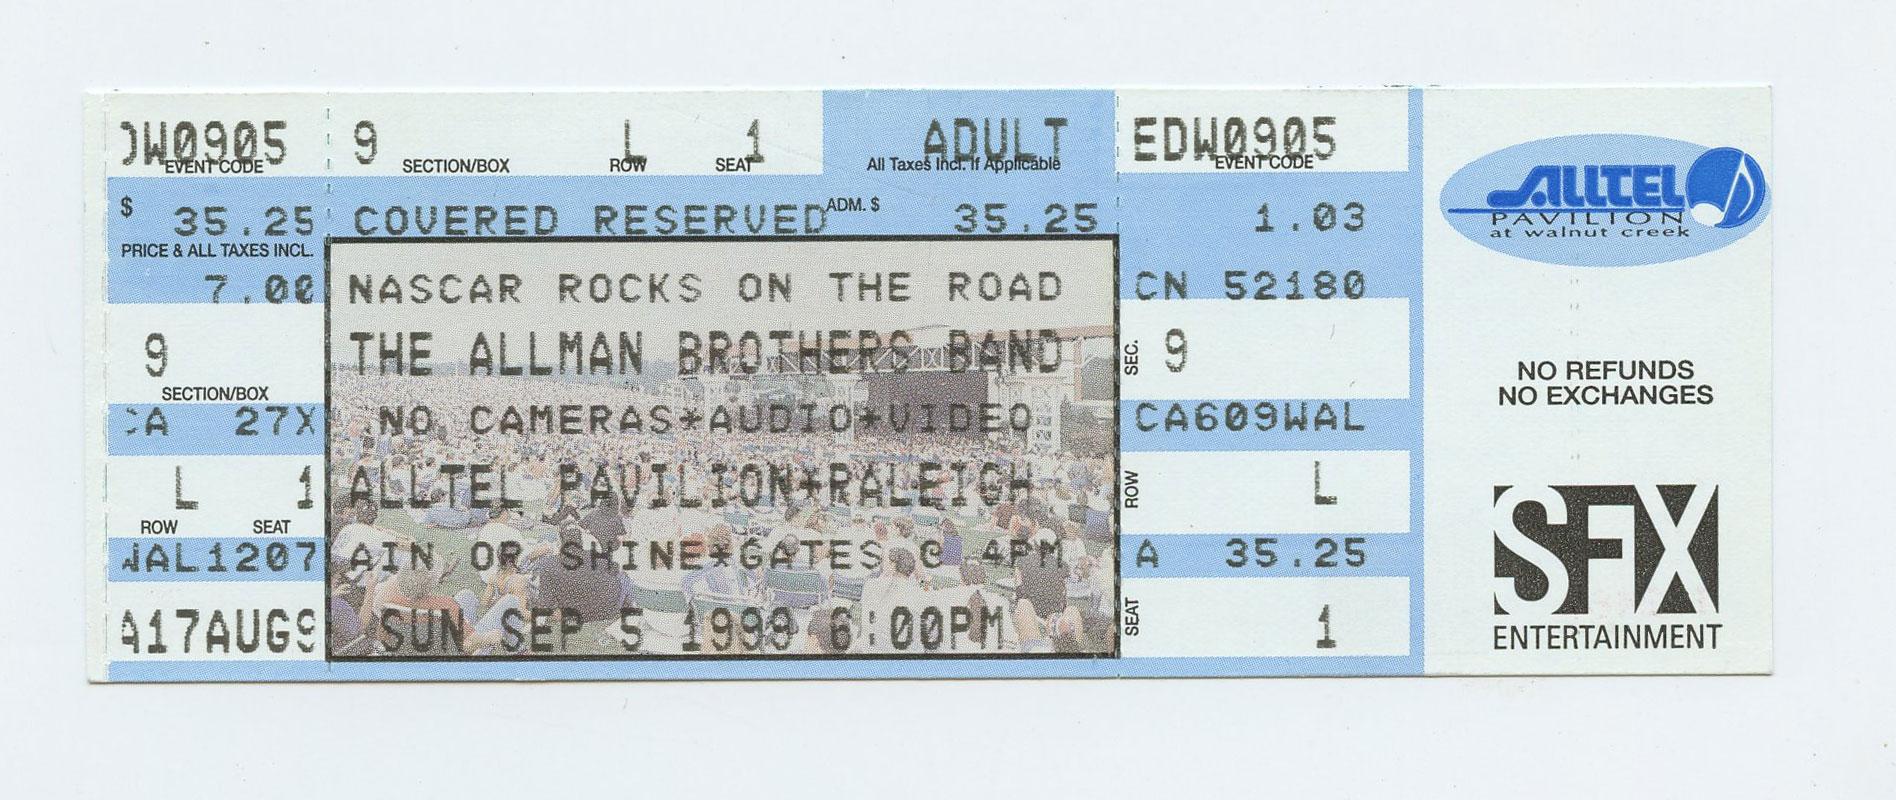 Allman Brothers Band Ticket 1999 Sep 5 Alltel Pavilion Raleiugh NC Unused